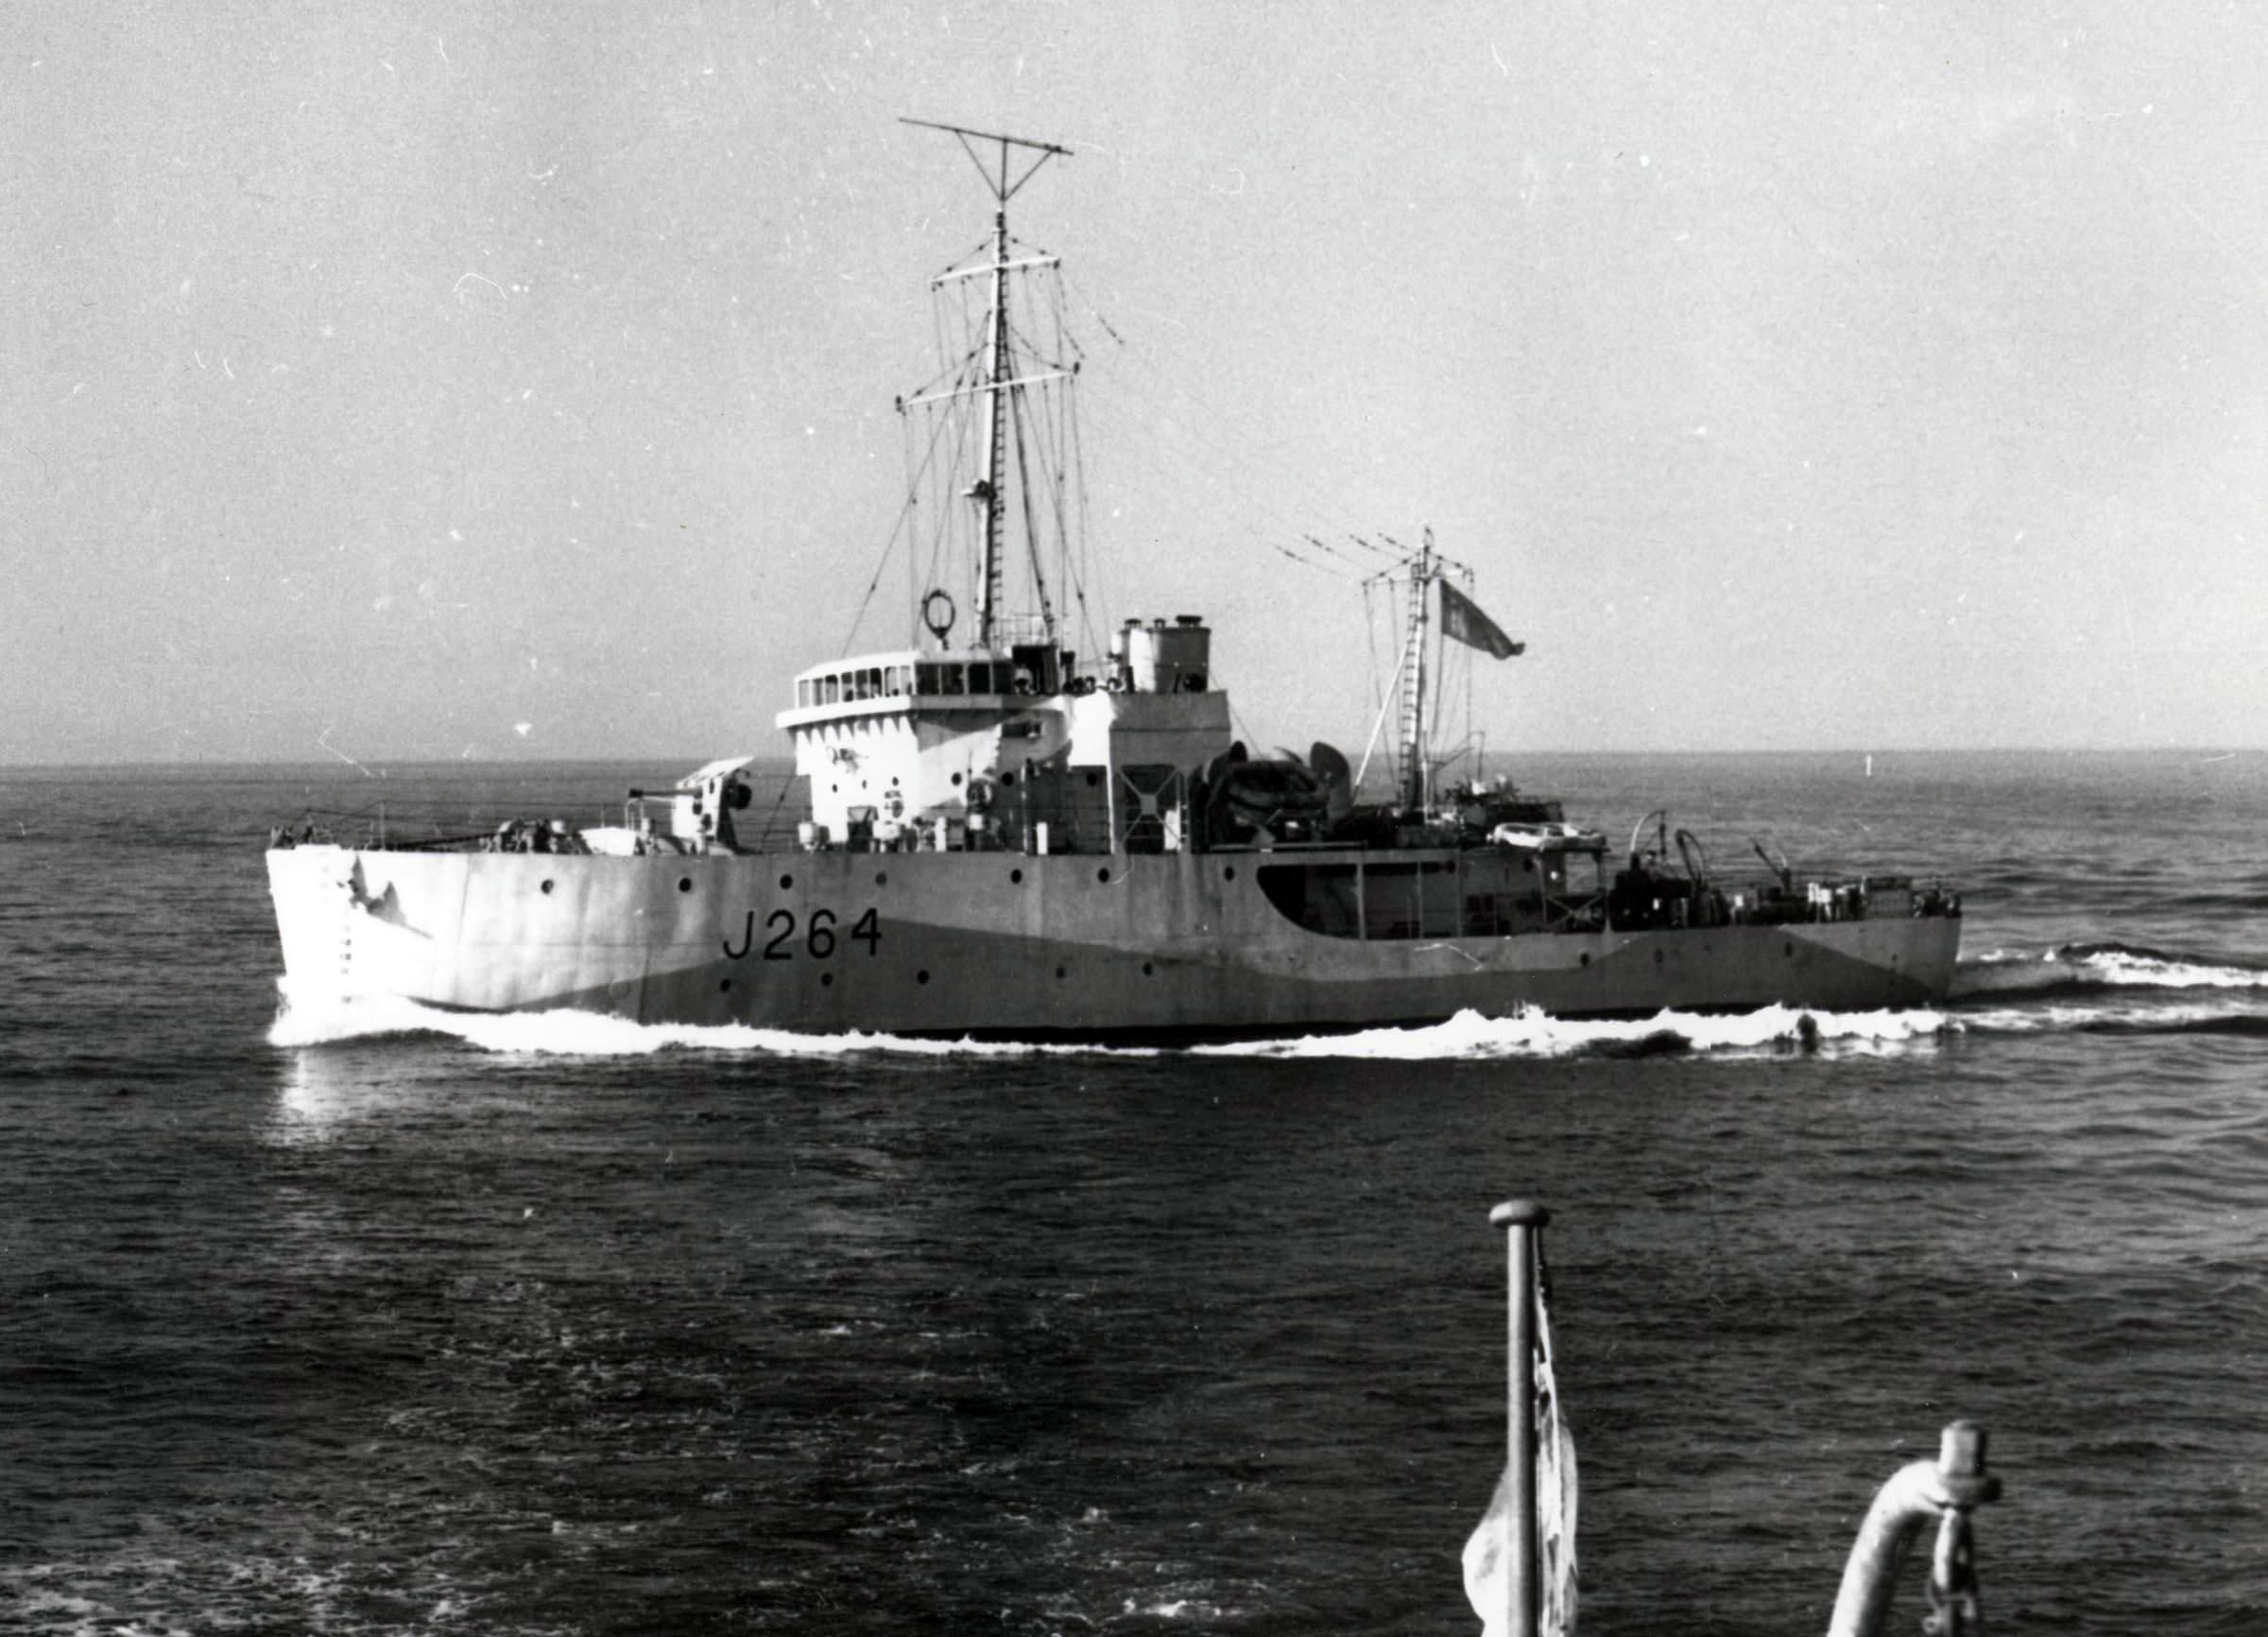 HMCS GRANBY